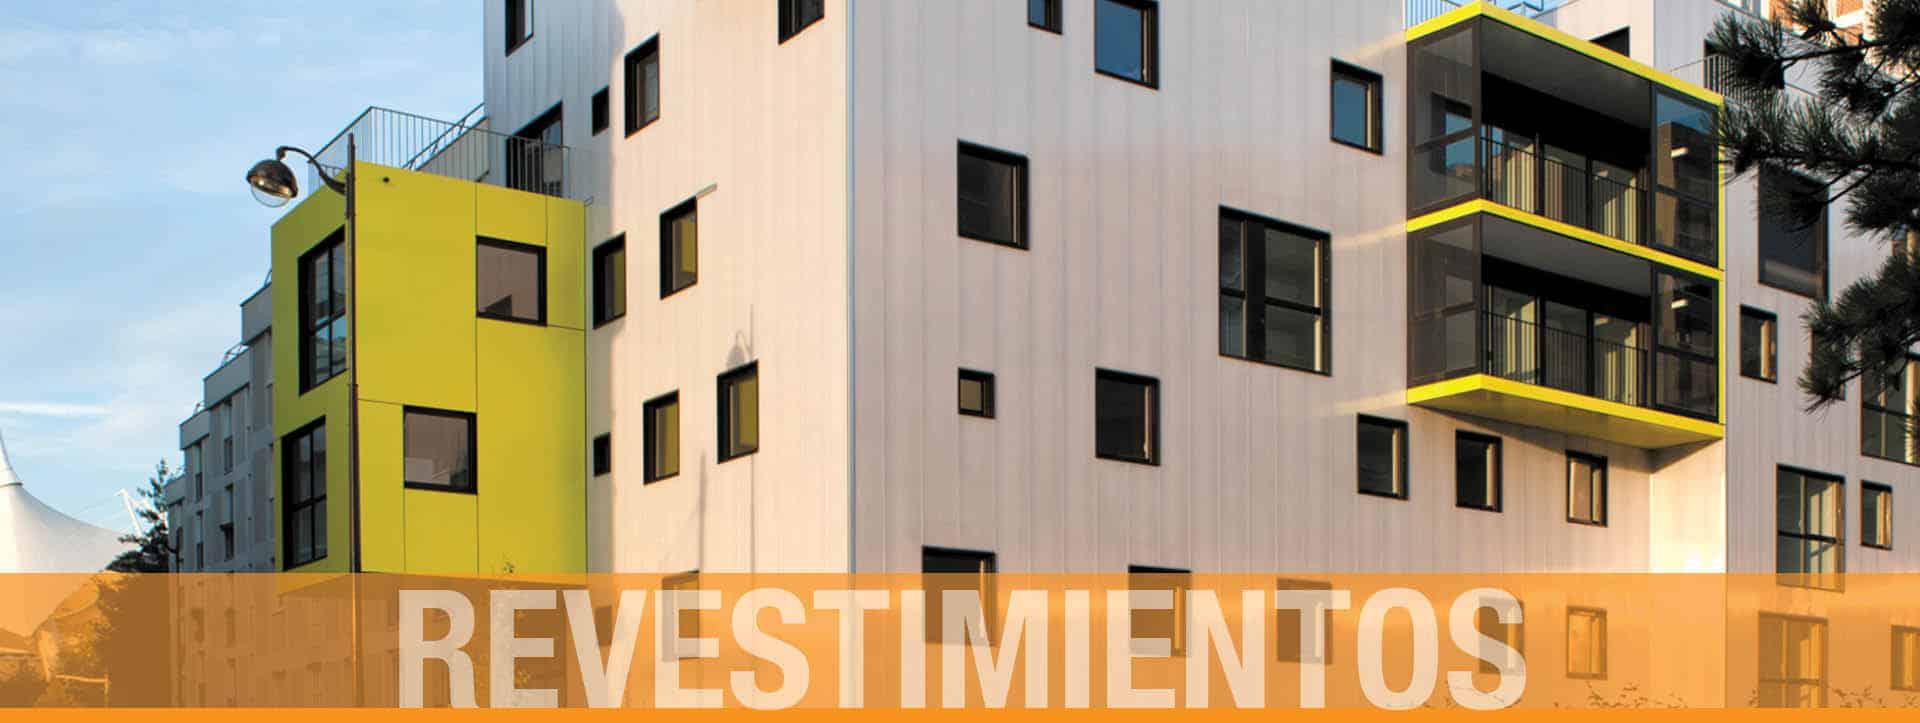 Revestimiento exterior para fachadas - Revestimiento de fachadas